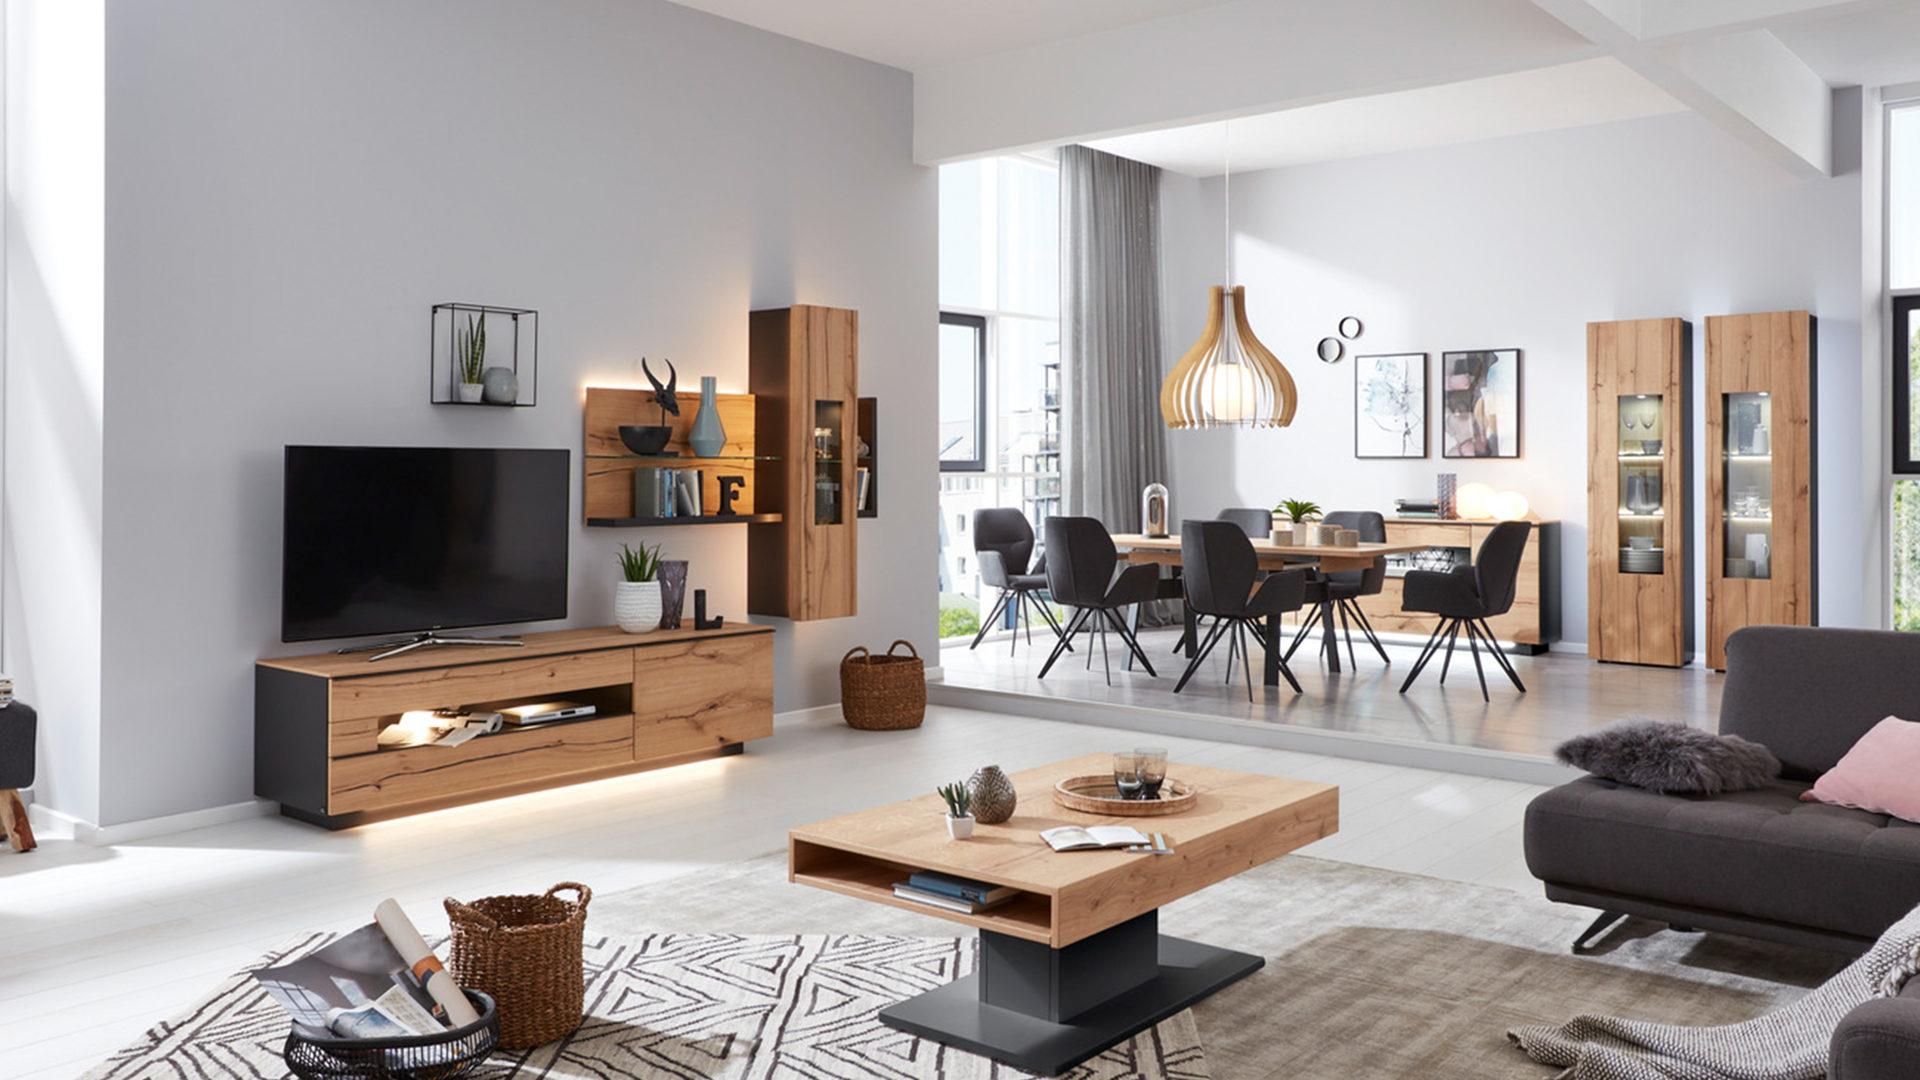 Interliving Wohnzimmer Serie 2103 Wohnwand 560001s Mit Beleuchtung